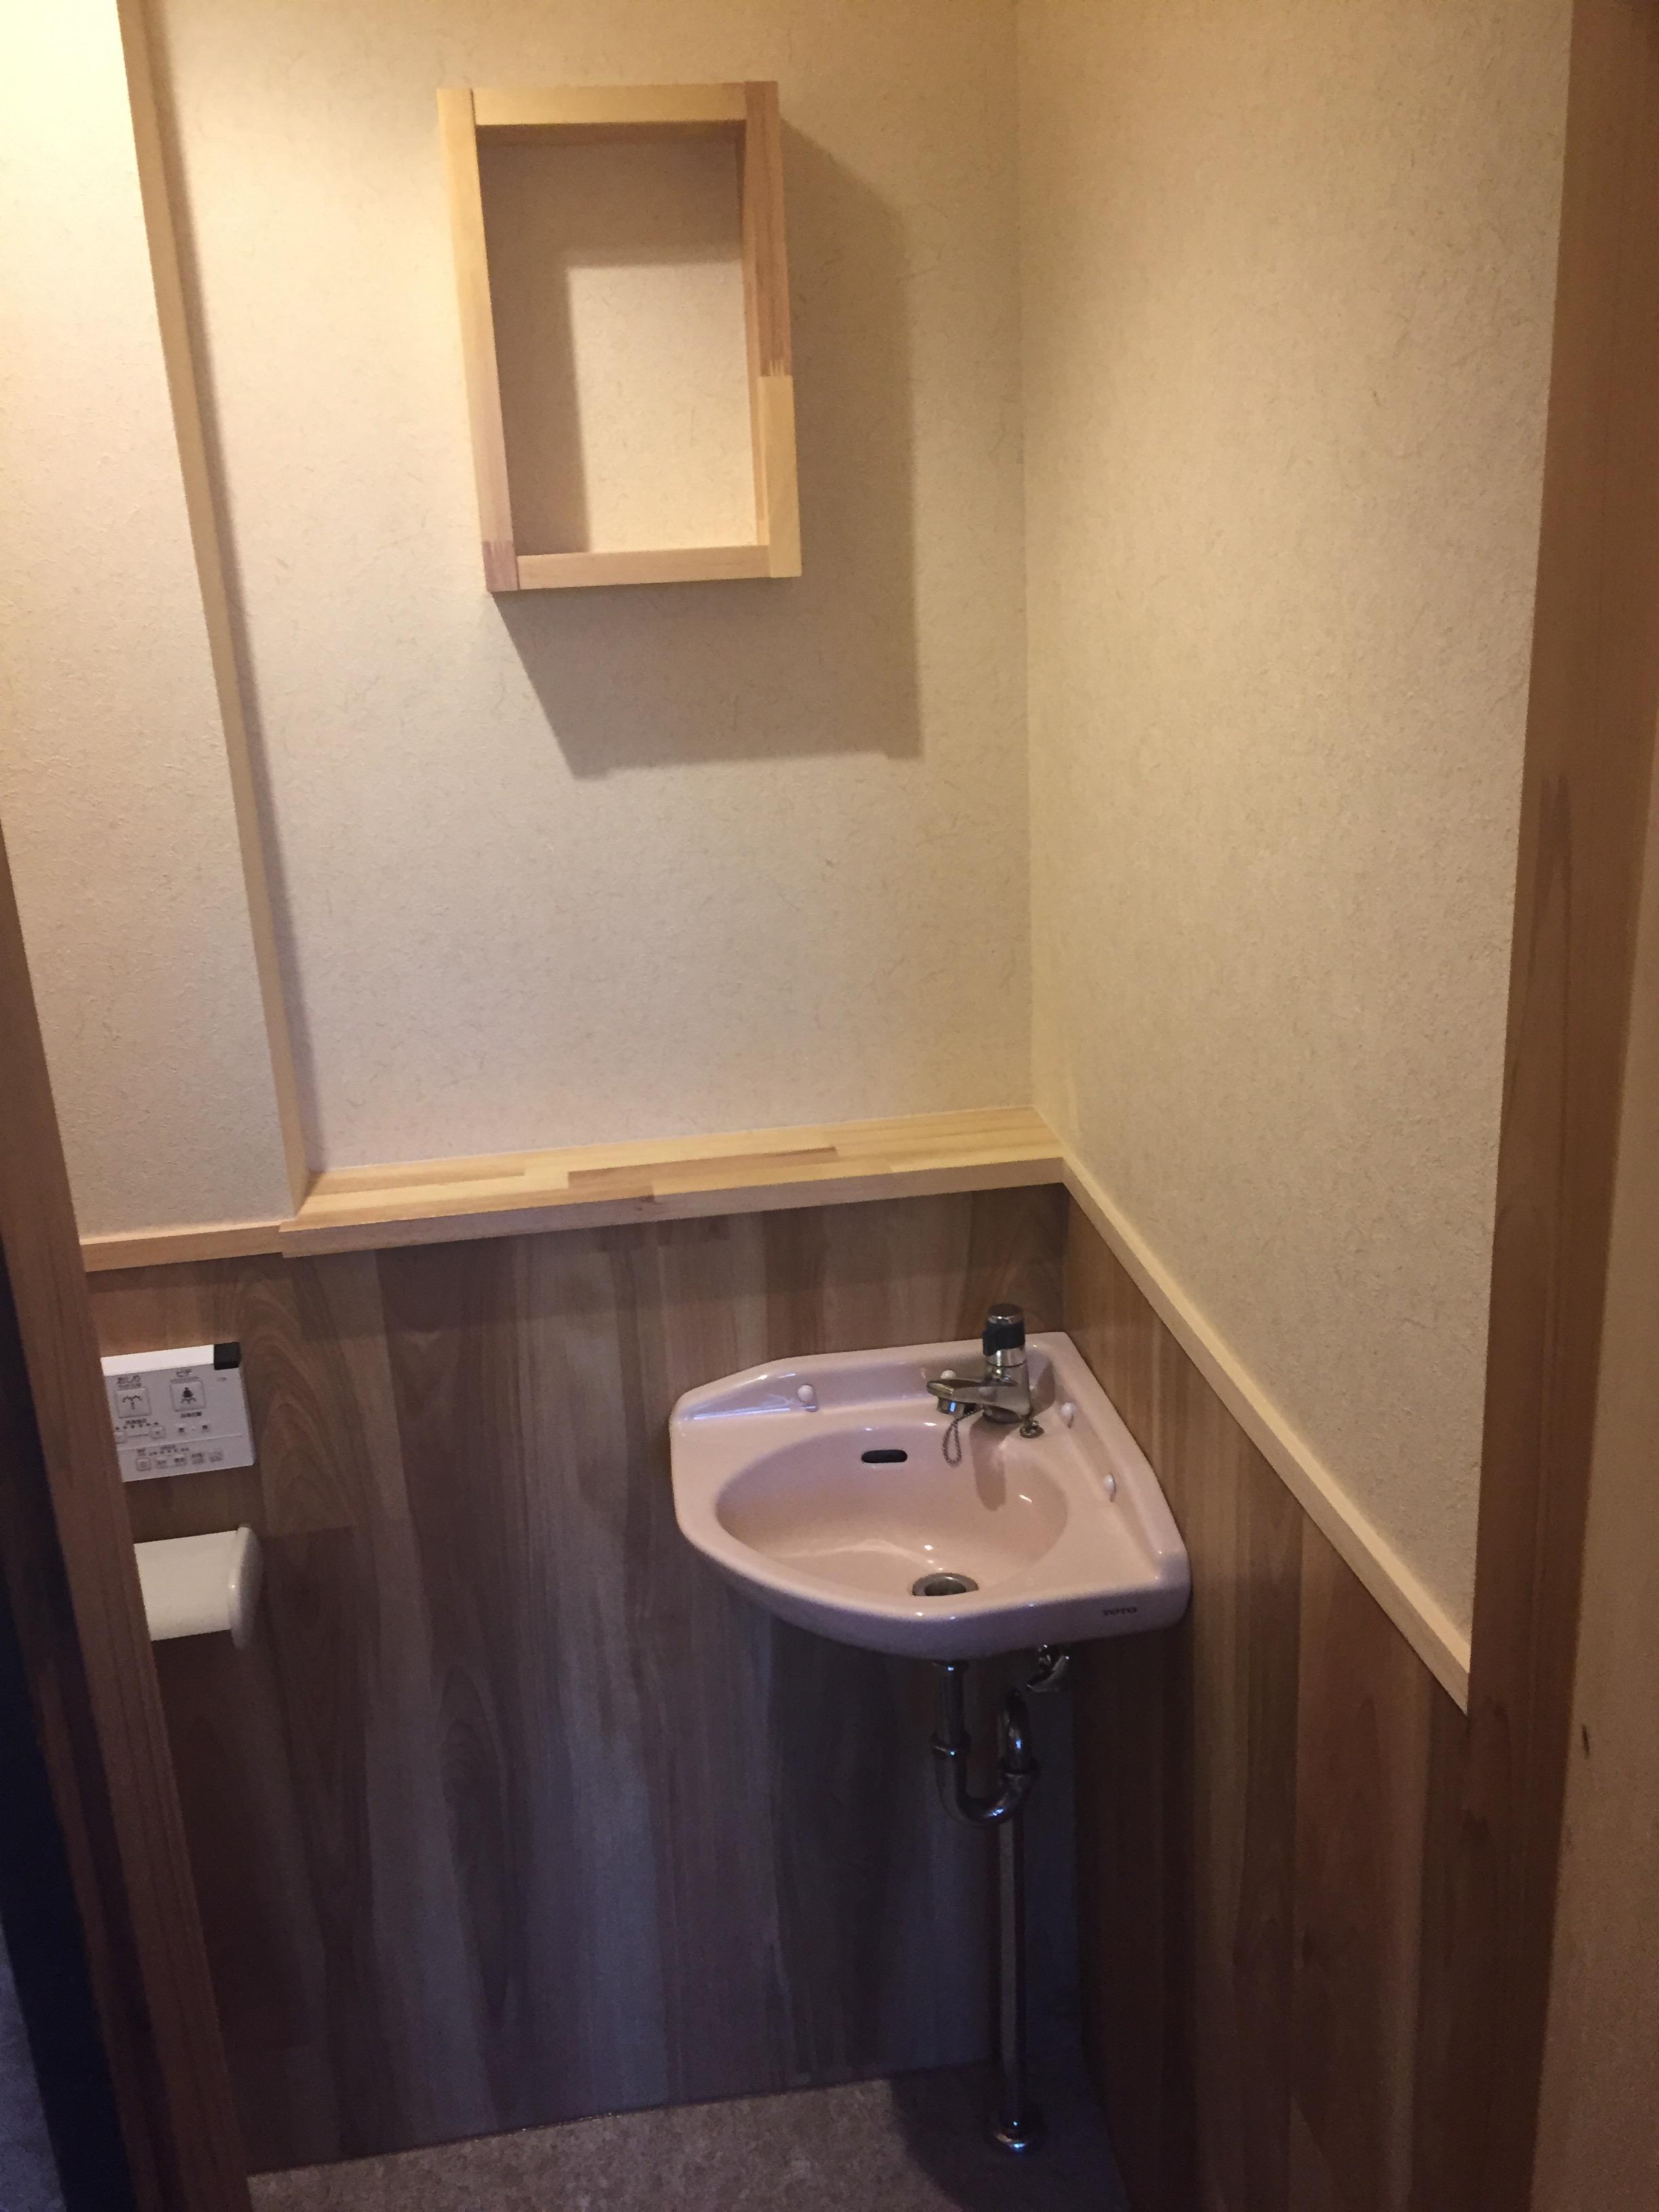 西条市 和式トイレから洋式トイレにリフォーム 施工後 飾り棚